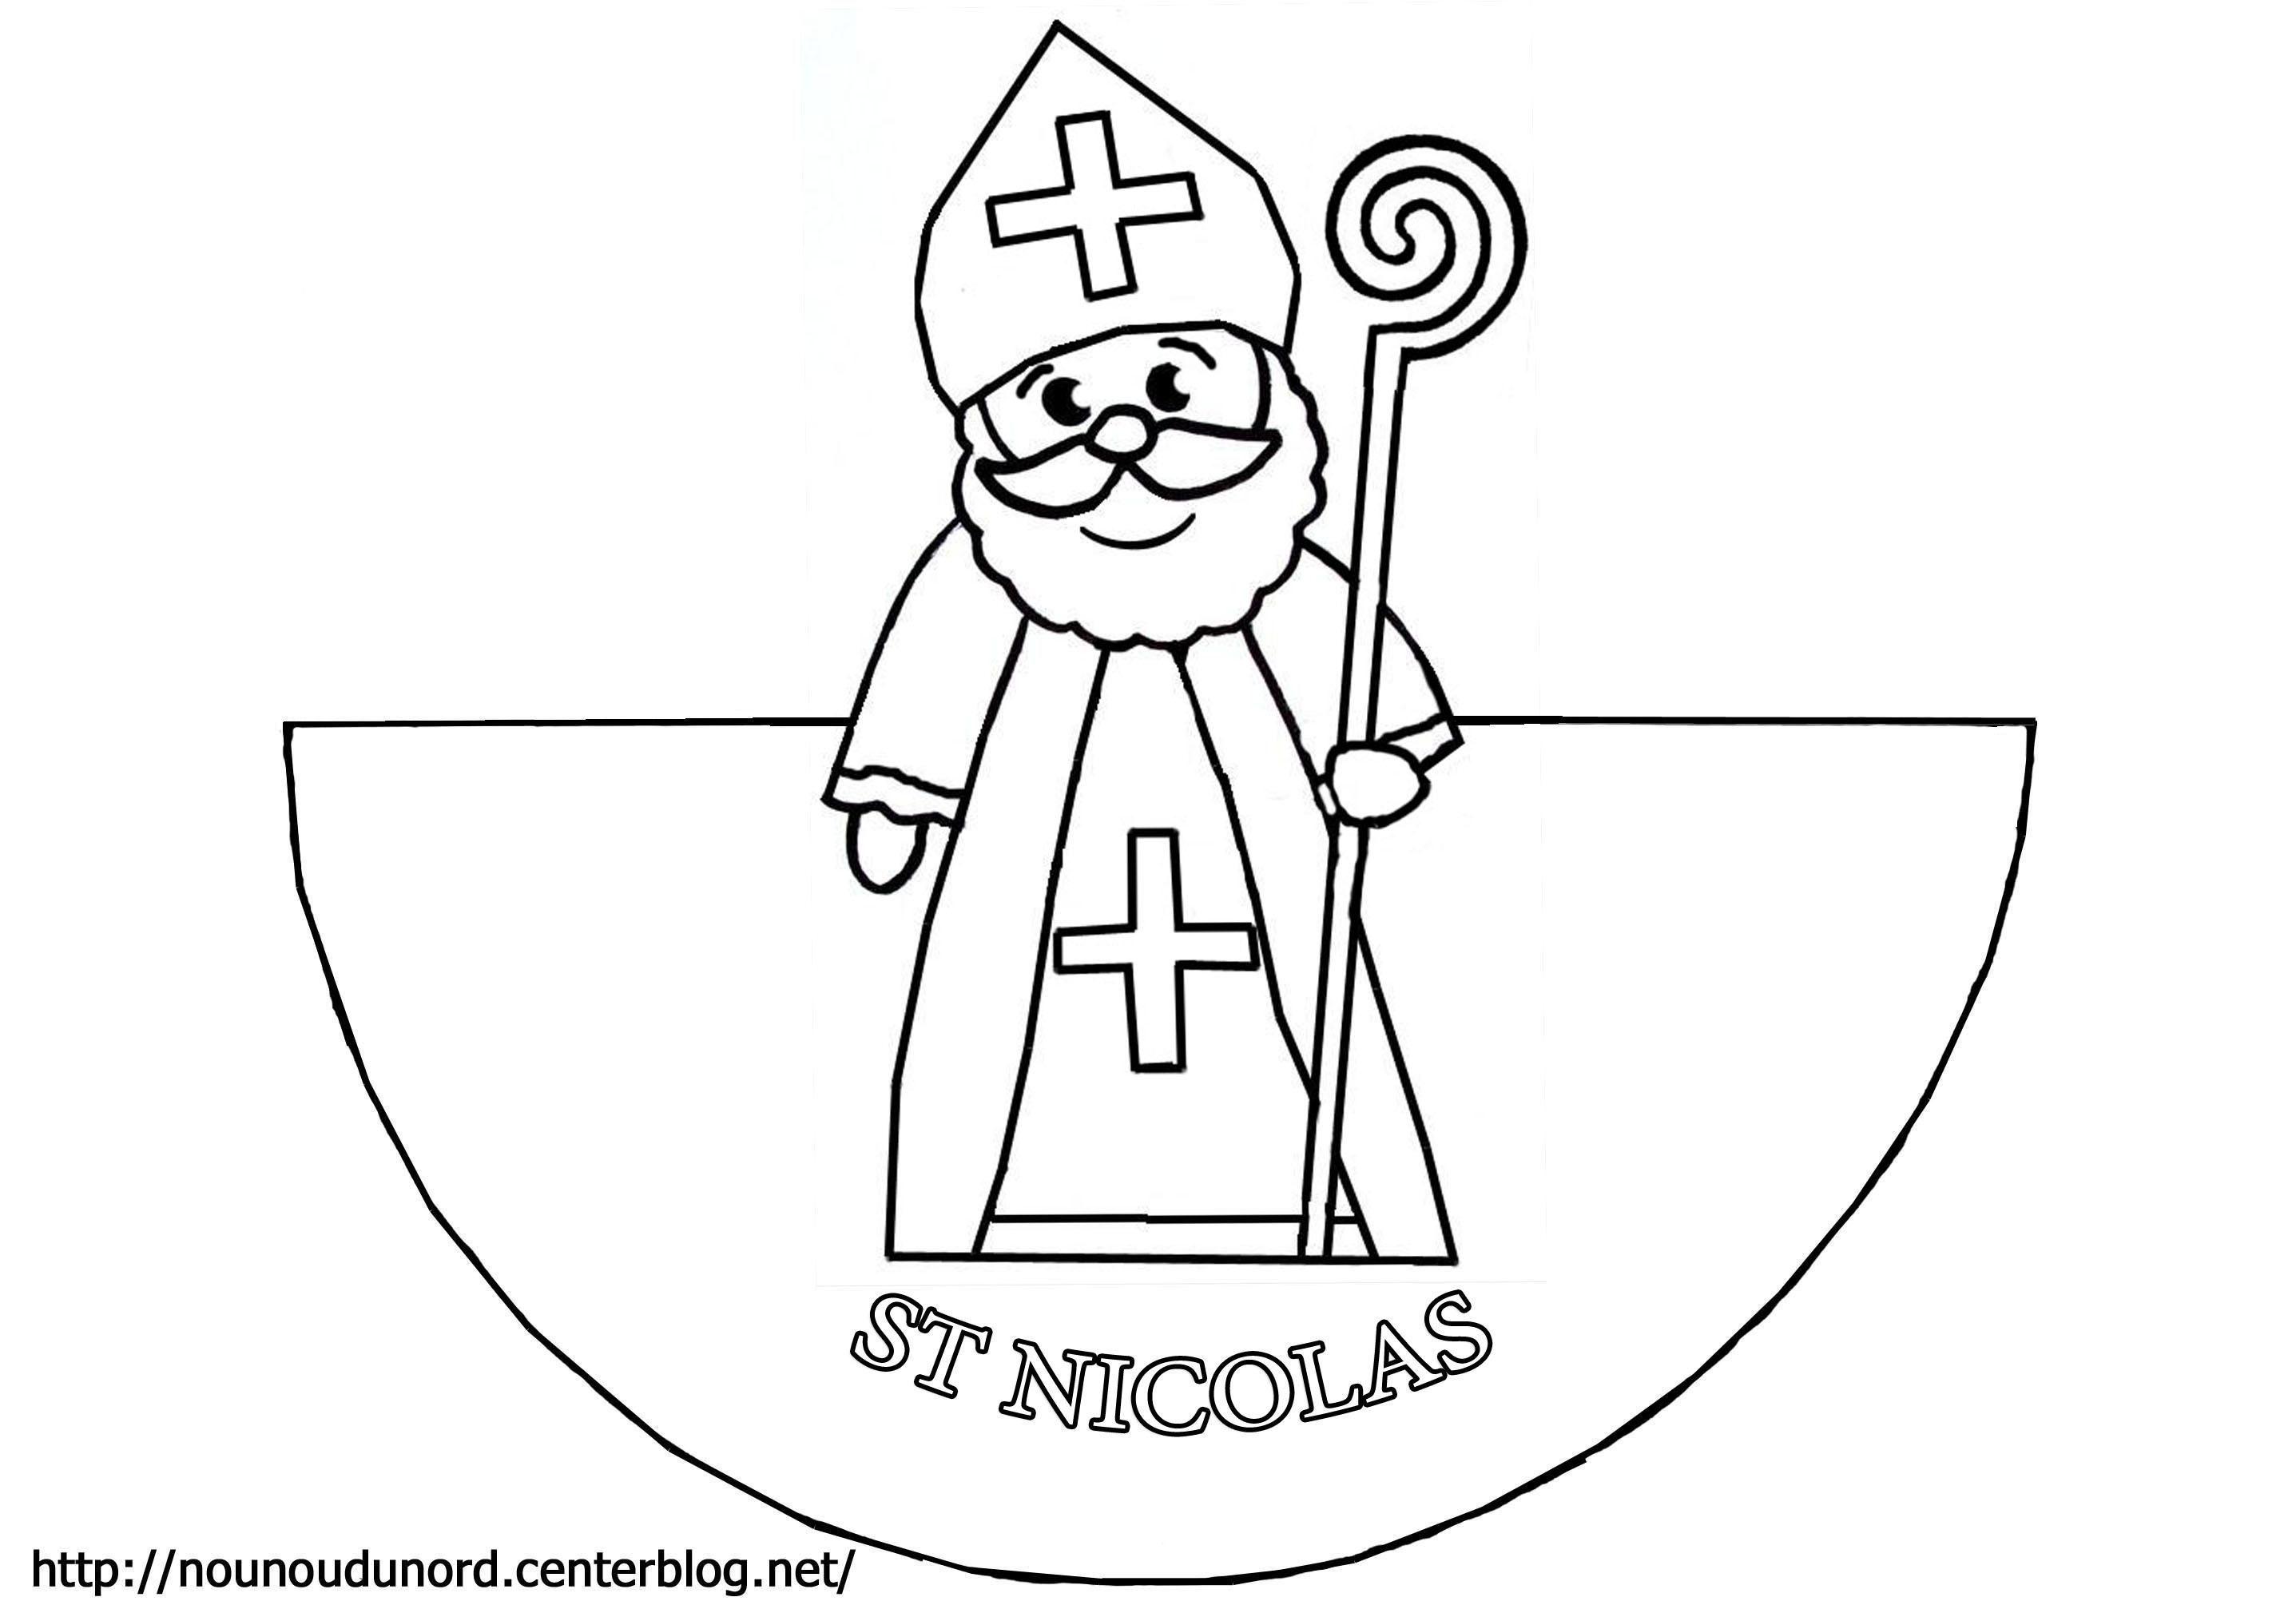 Coloriage saint nicolas - Saint nicolas dessin couleur ...